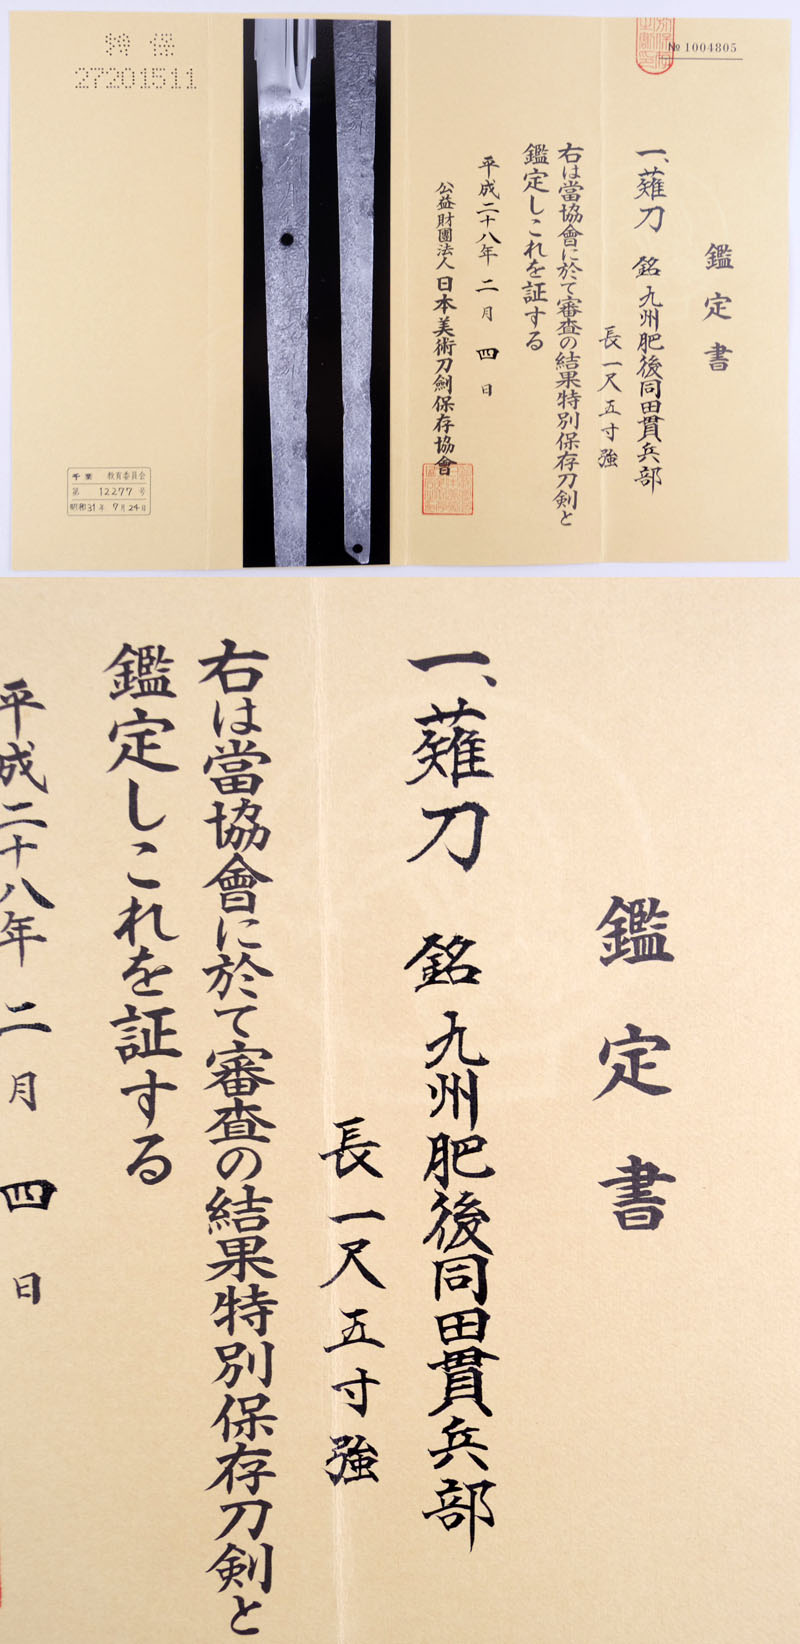 九州肥後同田貫兵部 Picture of Certificate